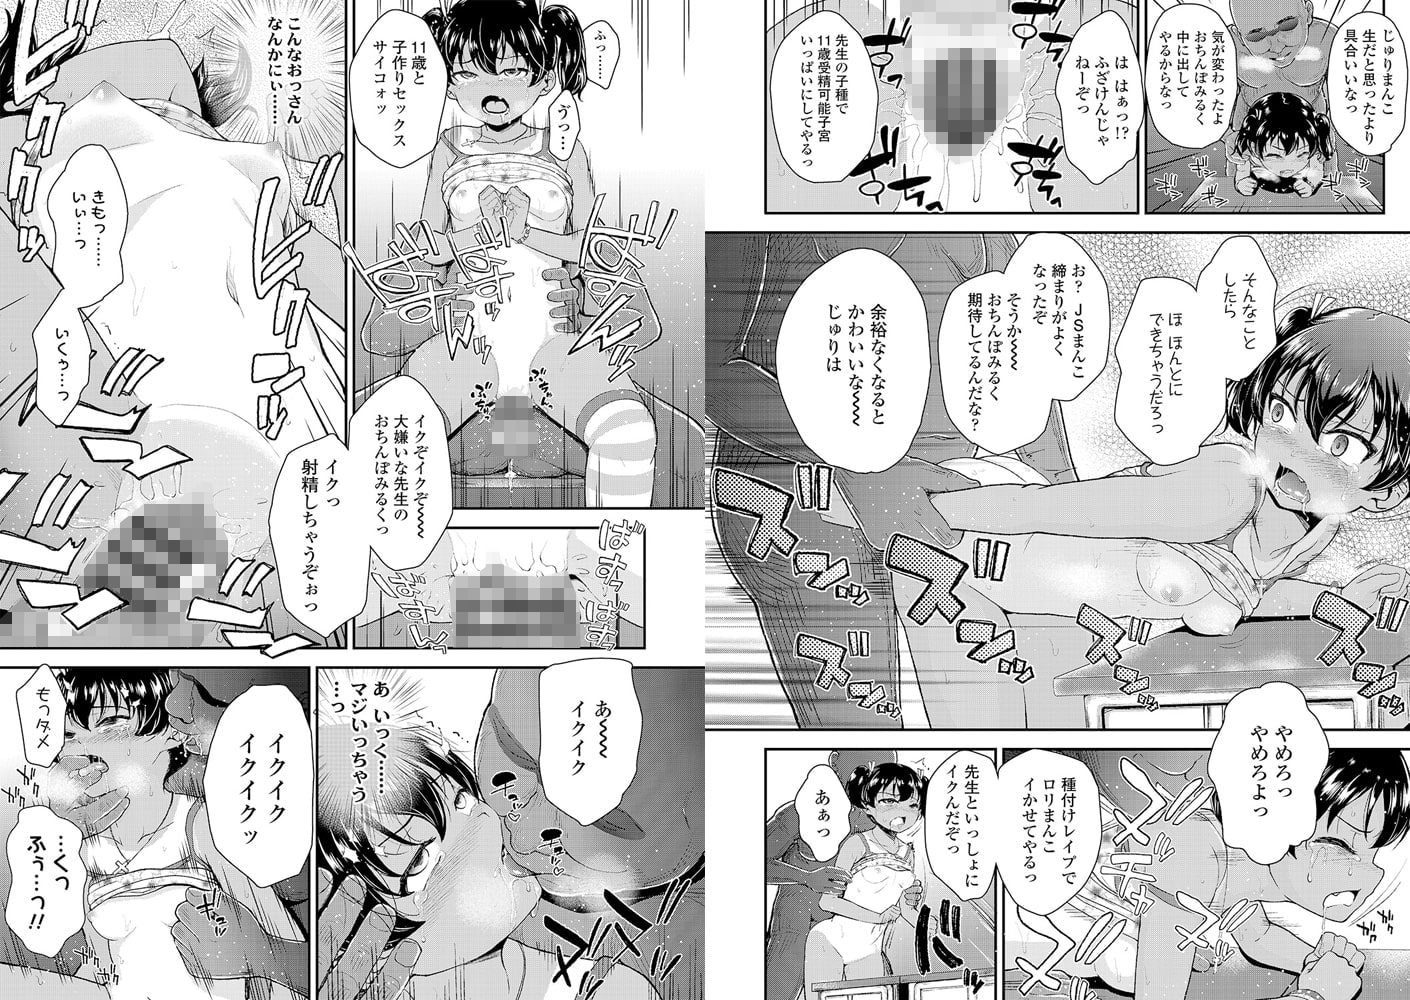 【メスガキ】彦馬ヒロユキ先生 2冊パック(202009)のサンプル画像3